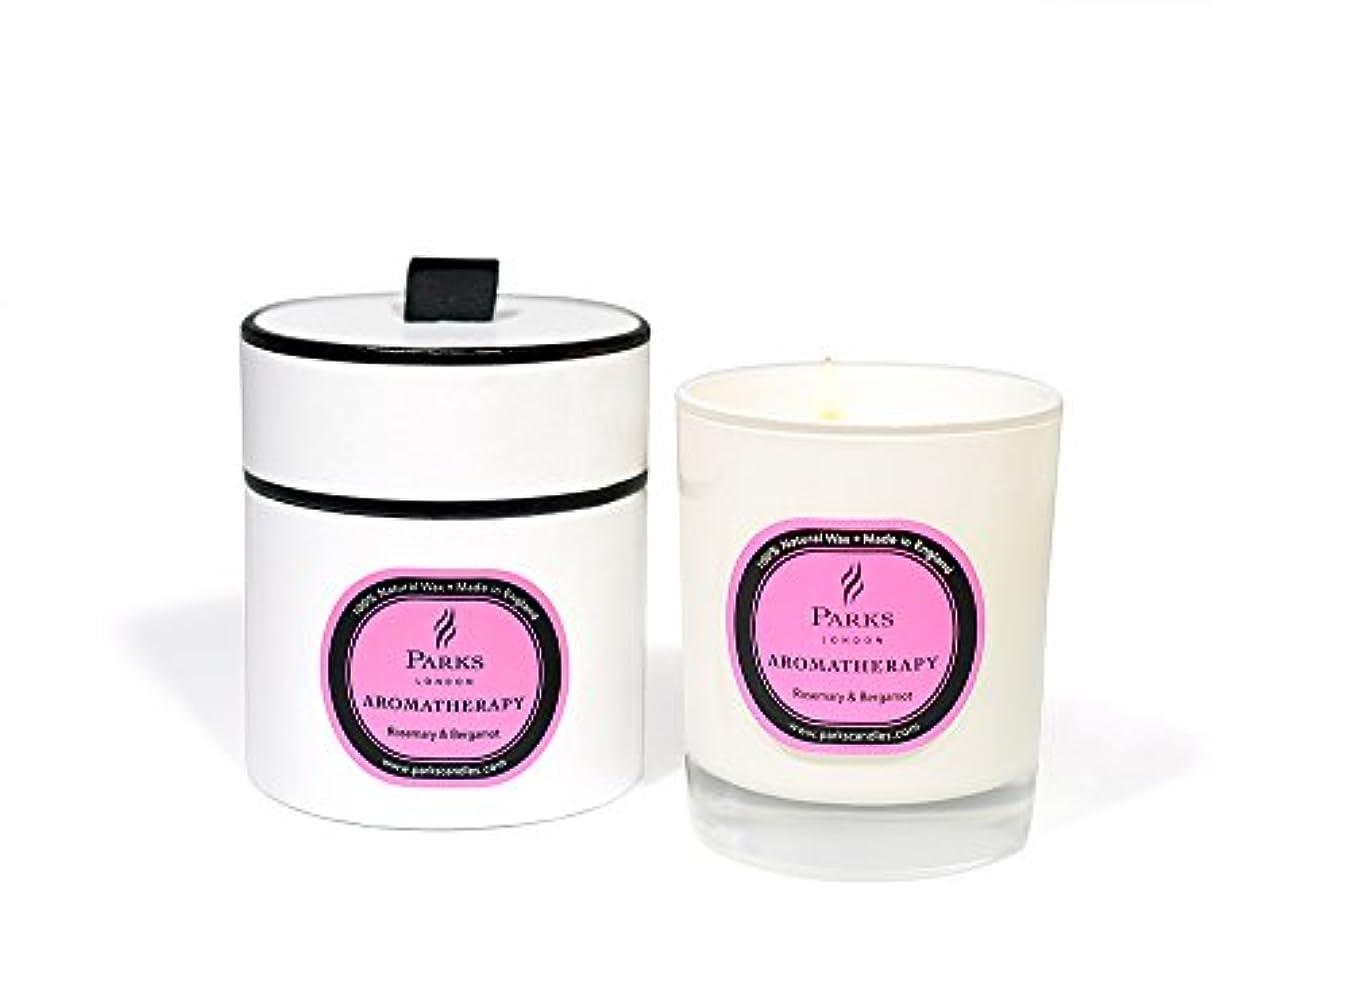 狼カップ美容師(Rosemary & Bergamot) - Parks Aromatherapy Natural Wax Candle, Rosemary & Bergamot, 235g, Giftboxed